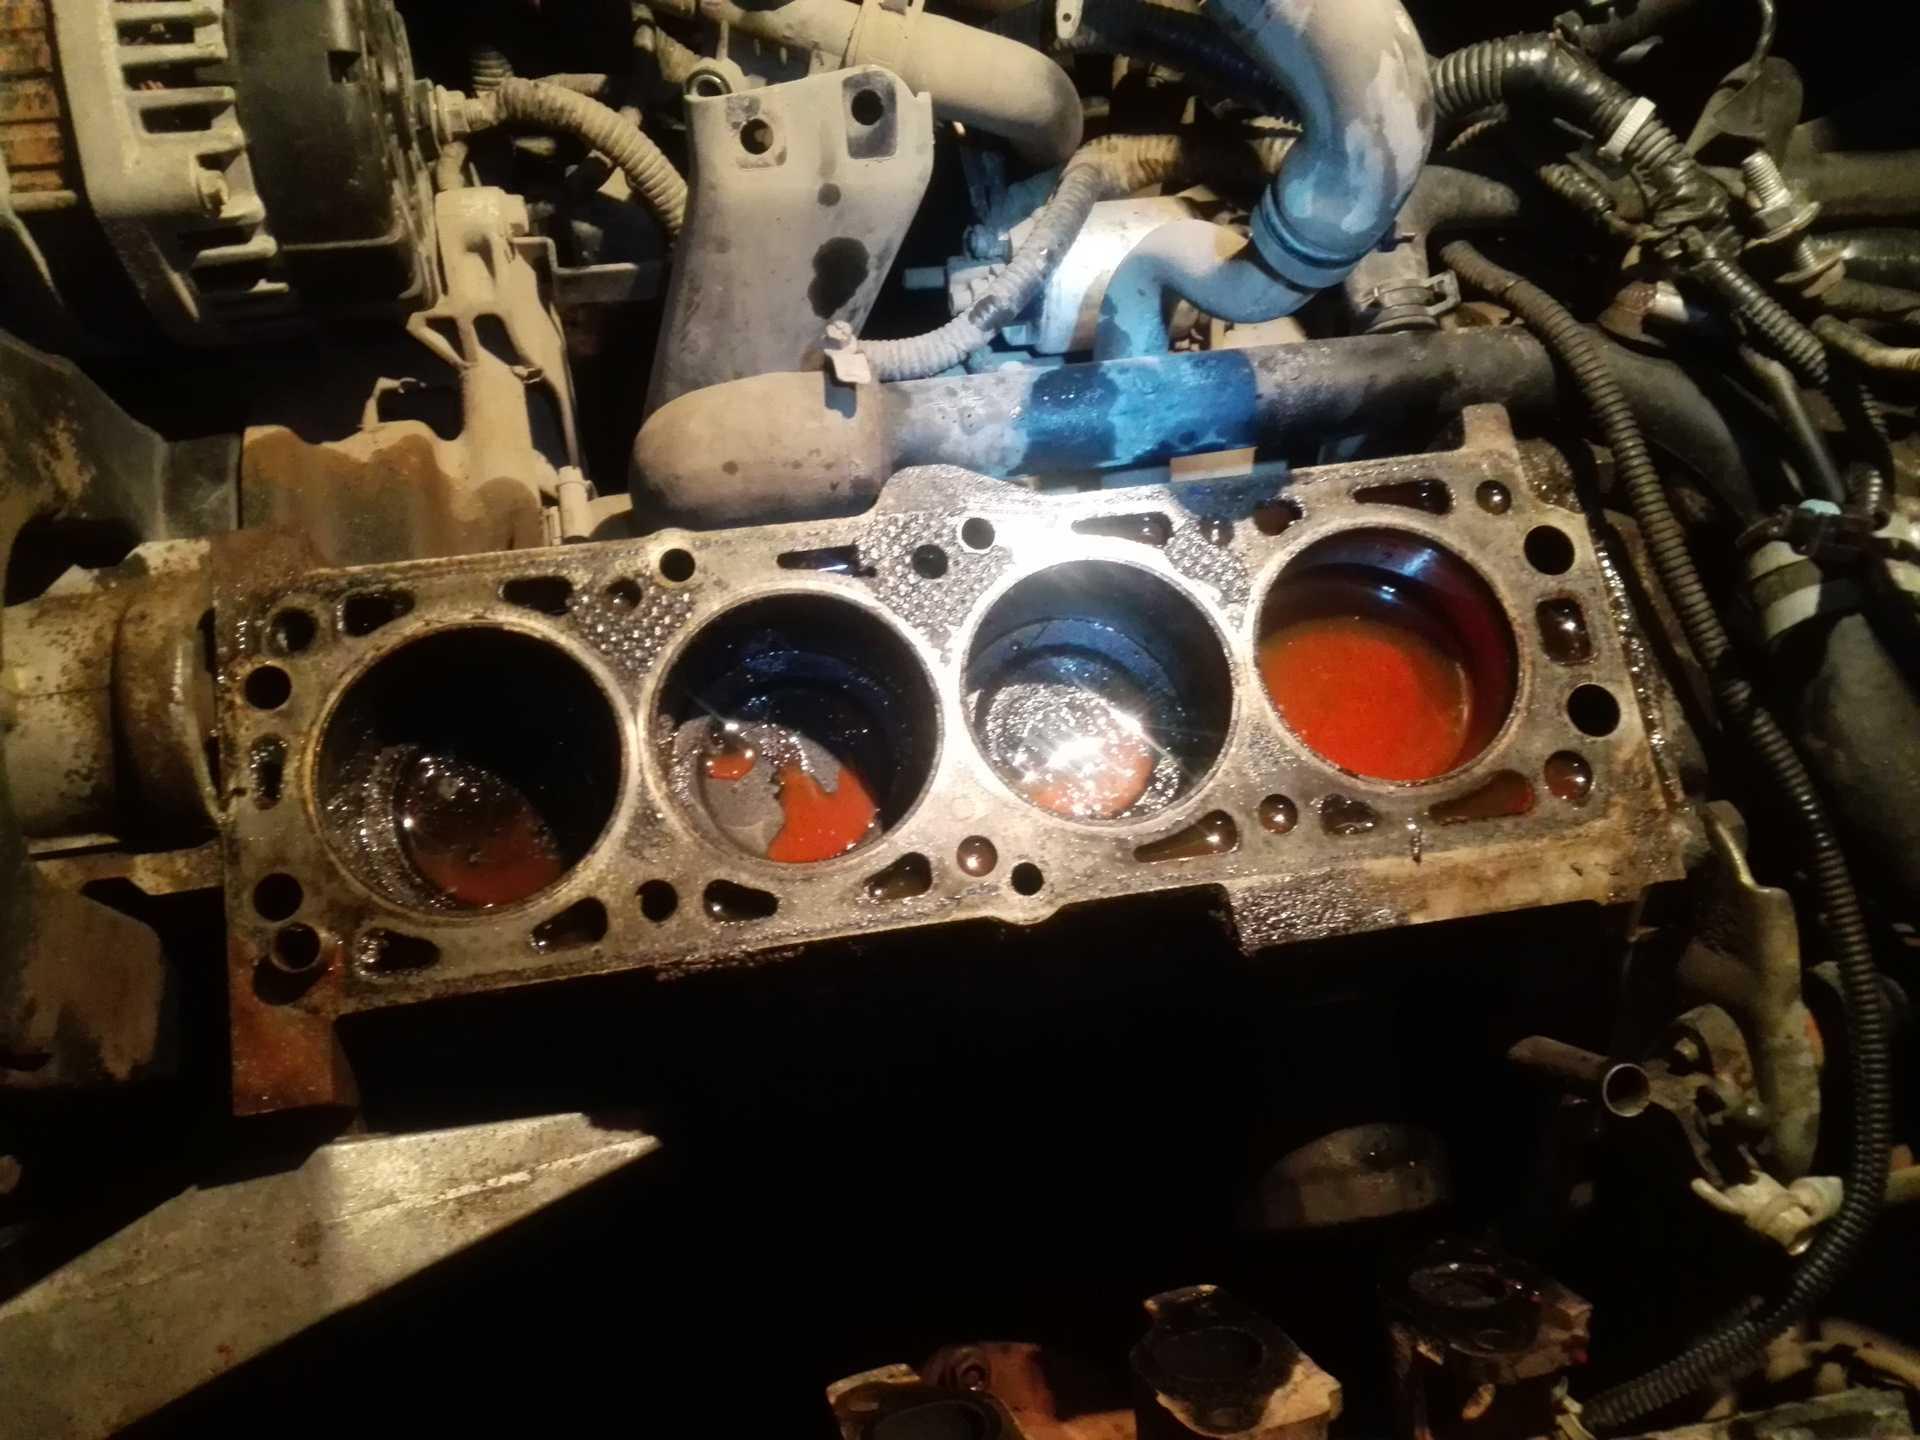 Обкатка двигателя после капремонта: правила и рекомендации